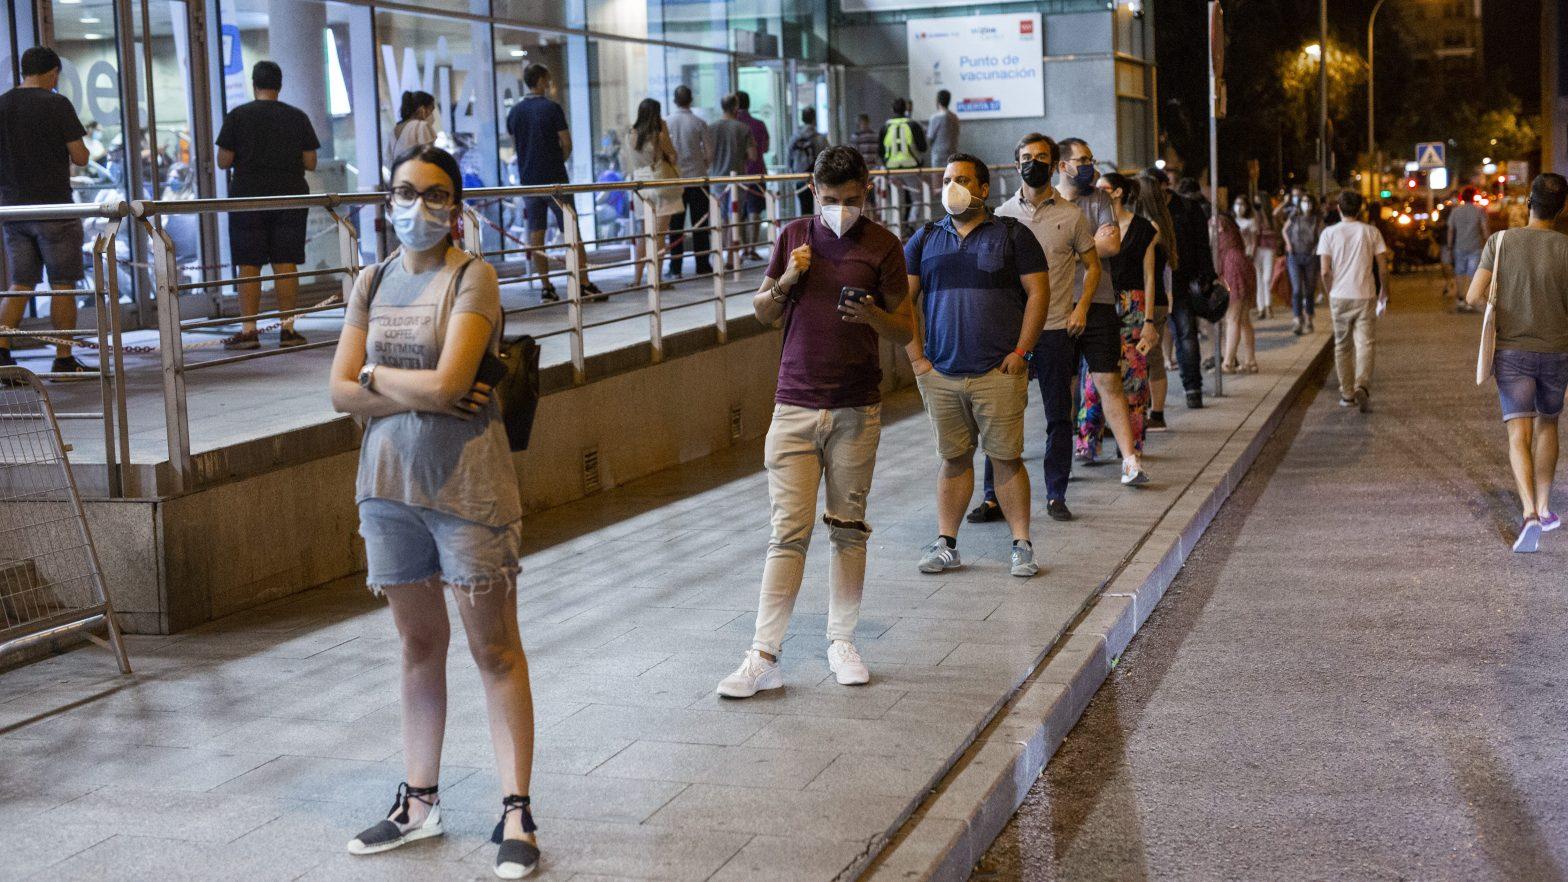 Éxito en la campaña de vacunación de los jóvenes de Madrid: 107.495 citas en una mañana